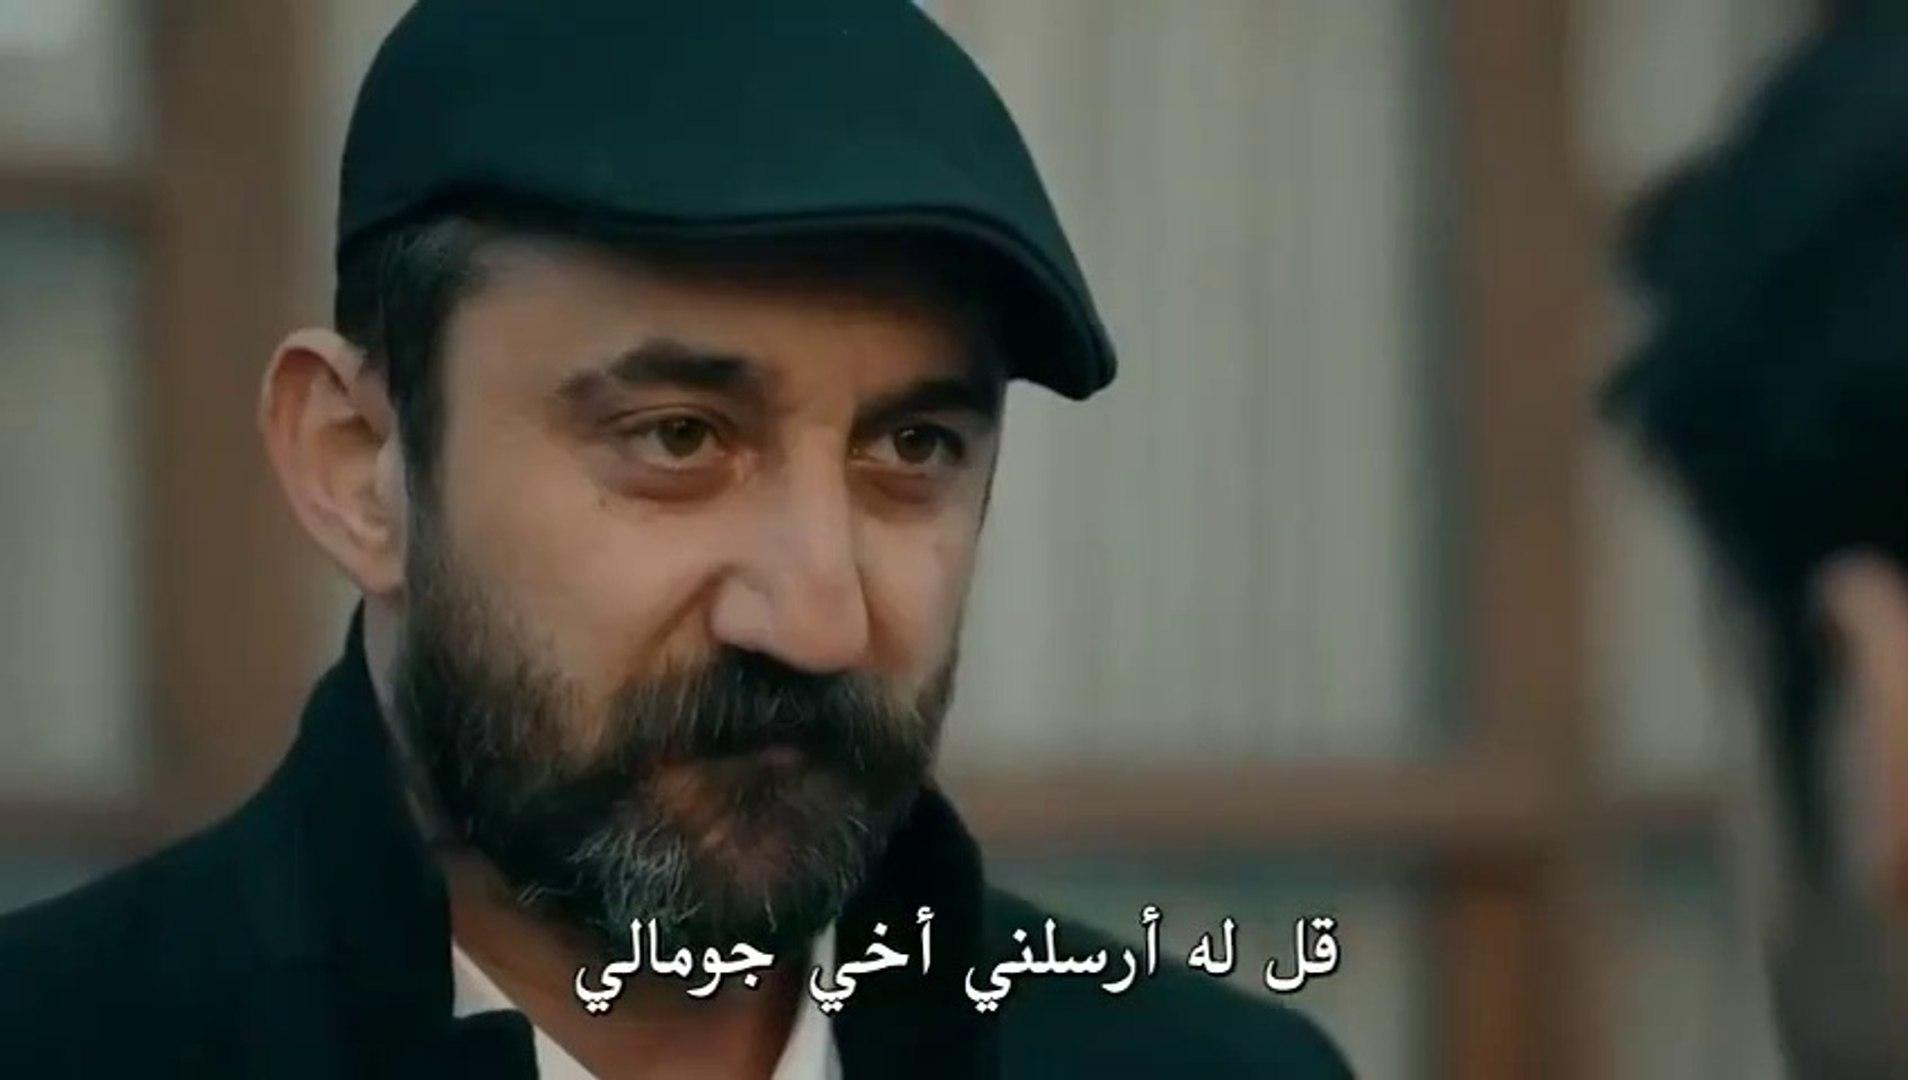 الحفرة الموسم الثالث الحلقة 19